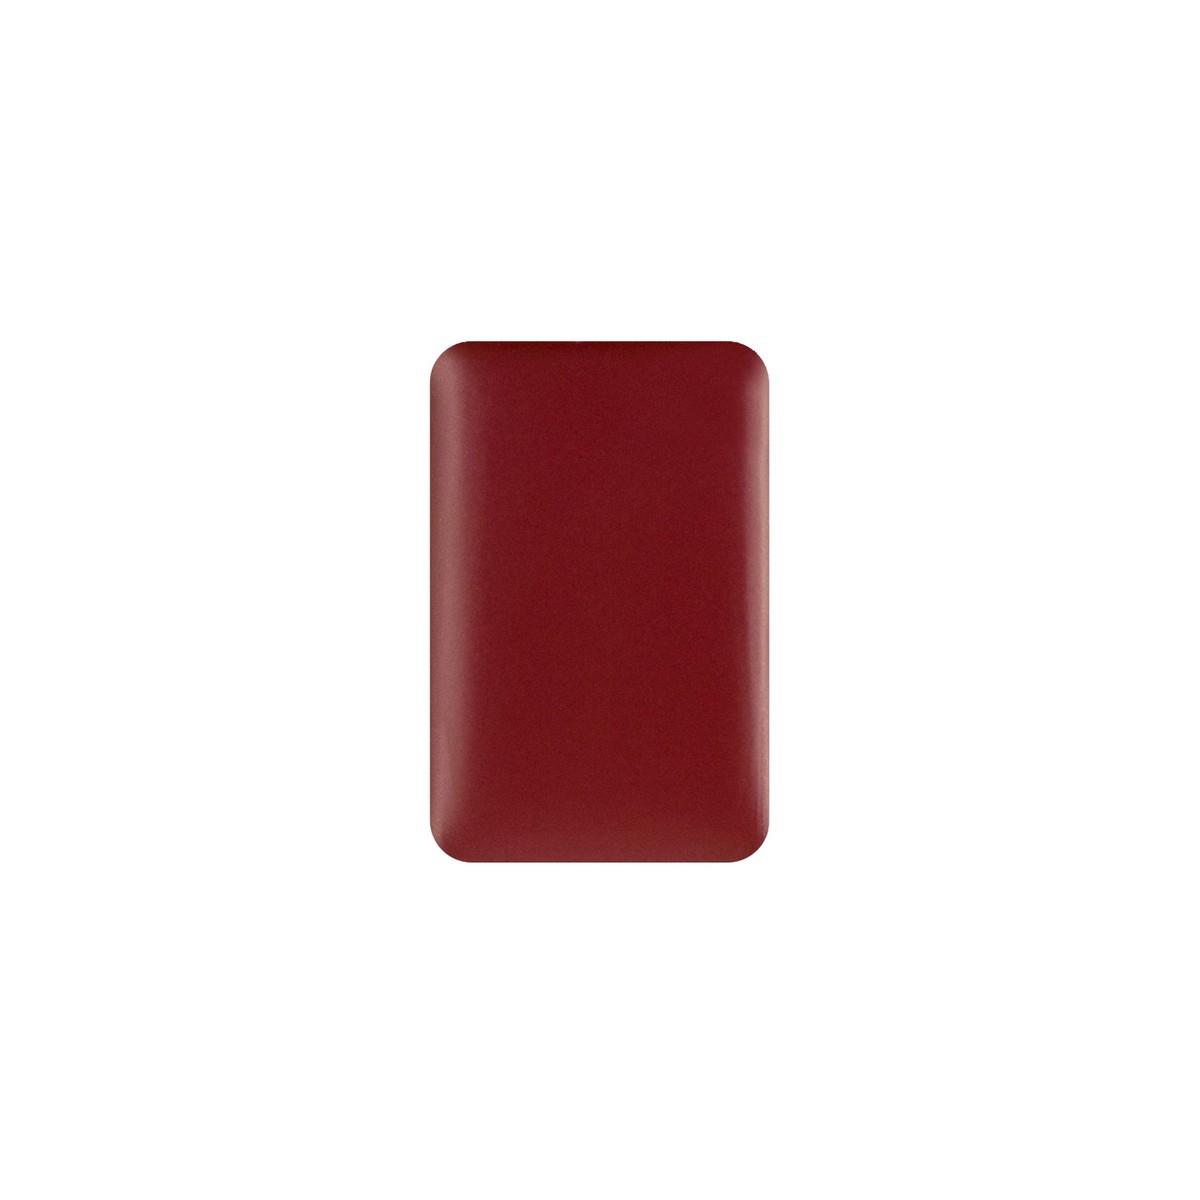 JUST LipGloss Губная помада 1J (32мм*21мм) 1.5г (запаска) магнит (-30%)  т.296